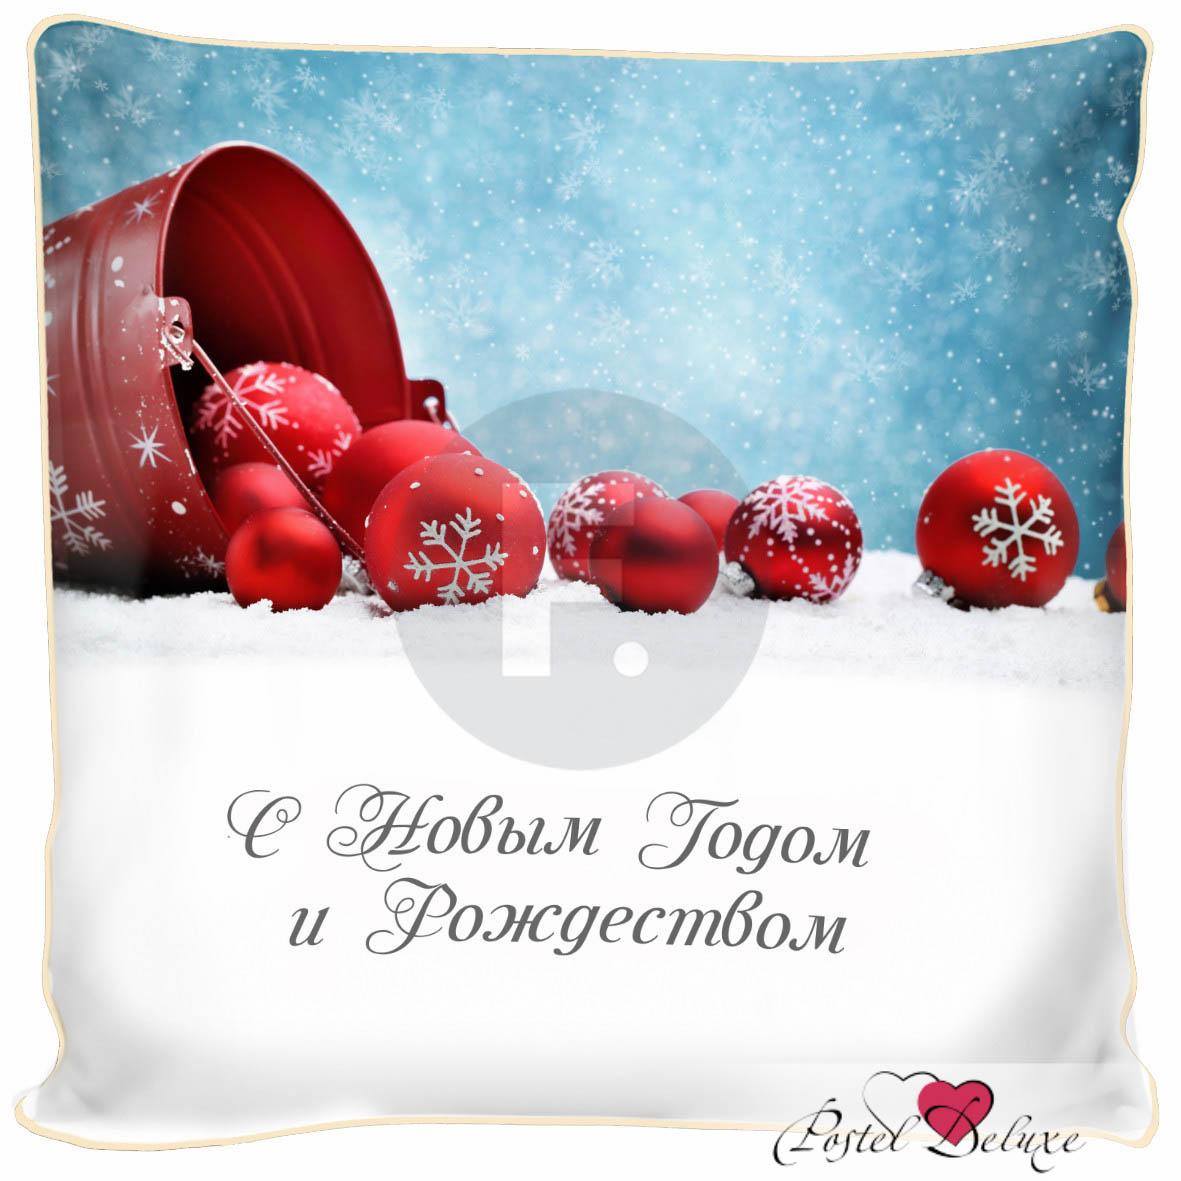 Декоративные подушки Fototende Декоративная подушка С Новым Годом И Рождеством (45х45) чай шар подарочный с новым годом и рождеством 60гр купаж черн и зел цейло